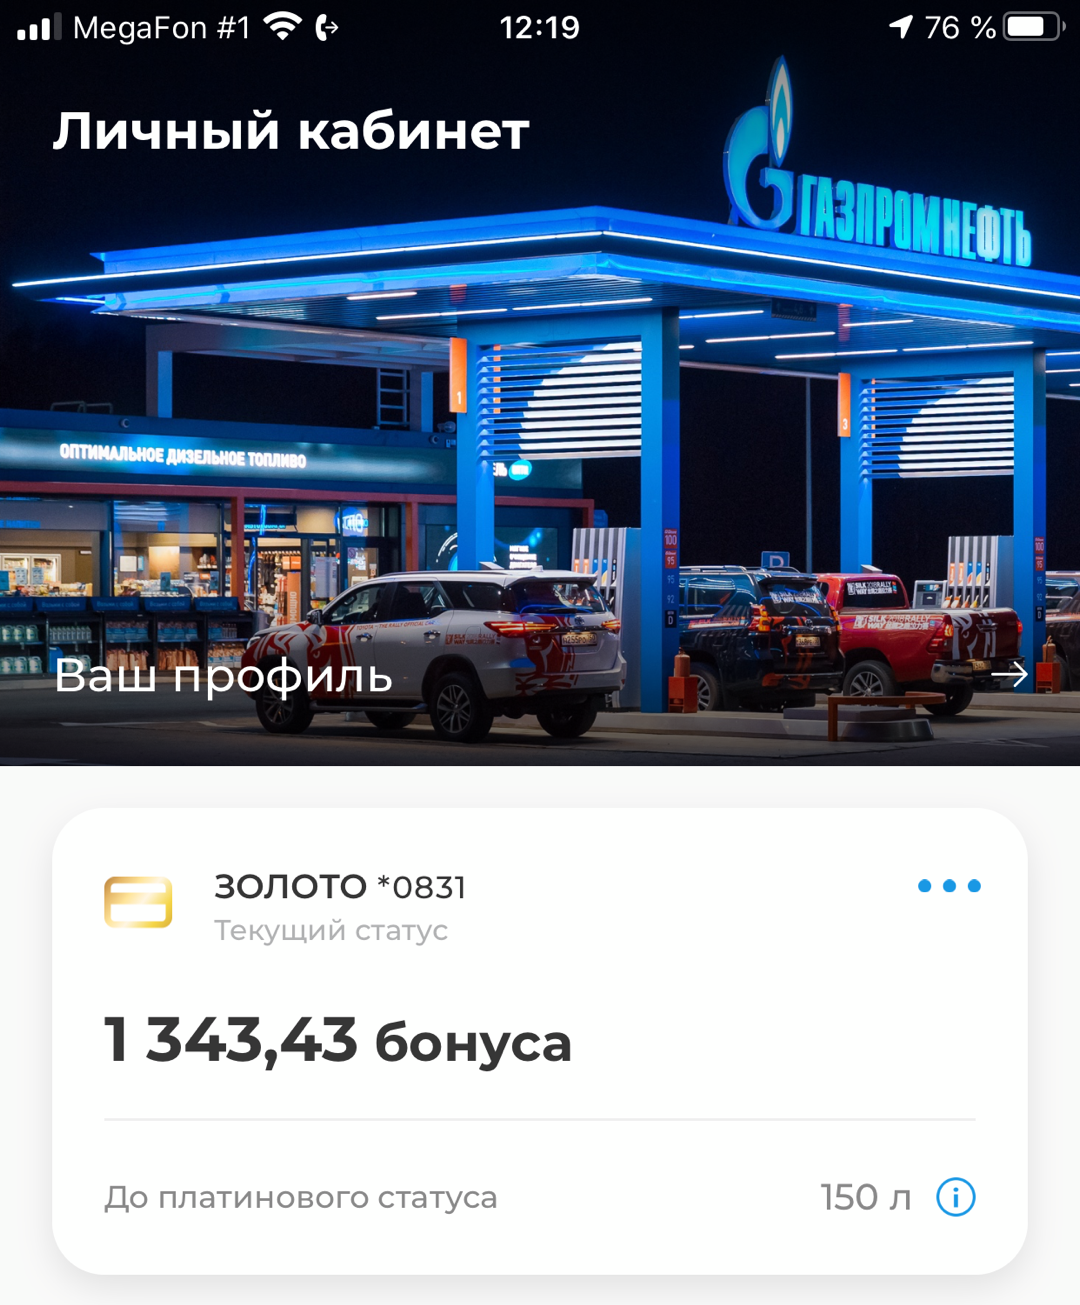 Газпромнефть